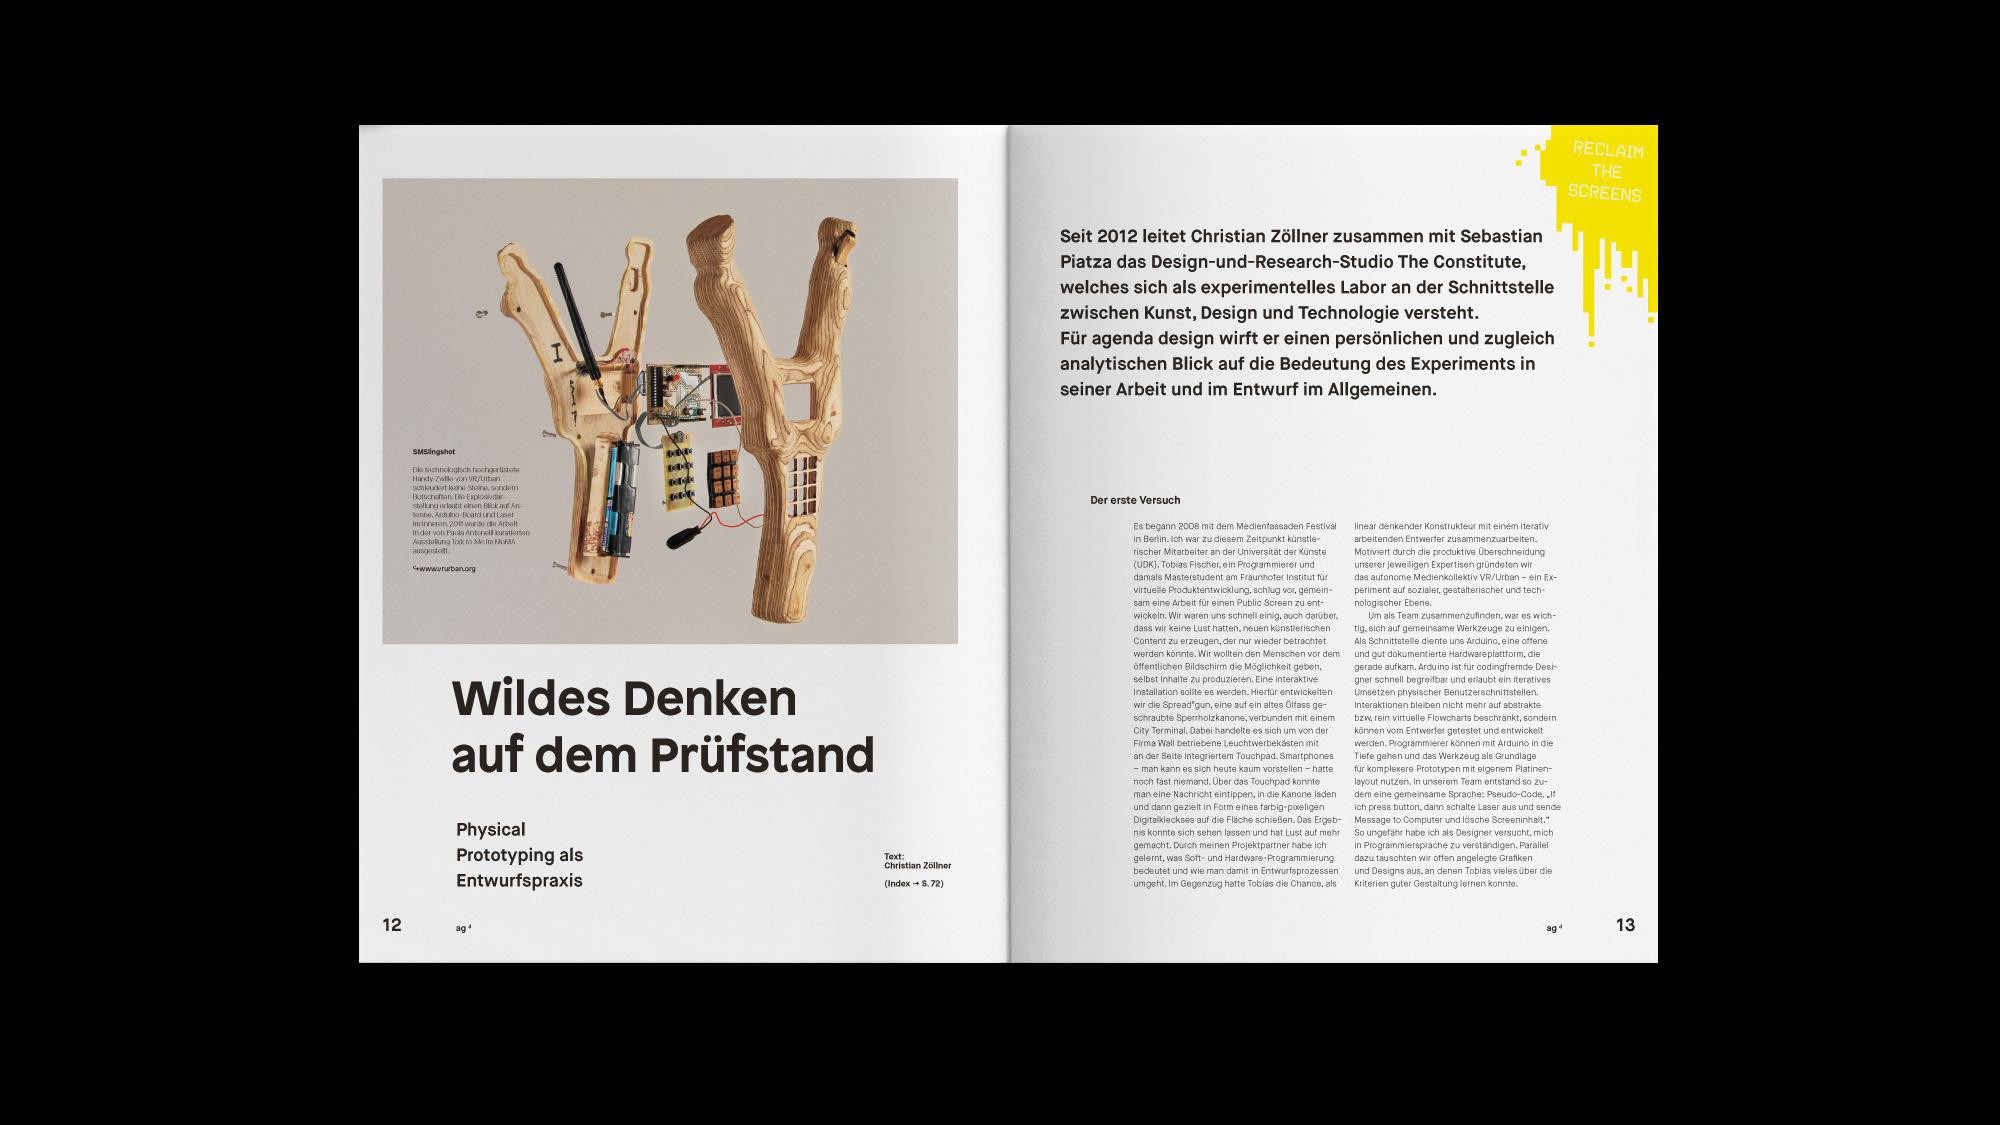 agenda design 4 on Behance